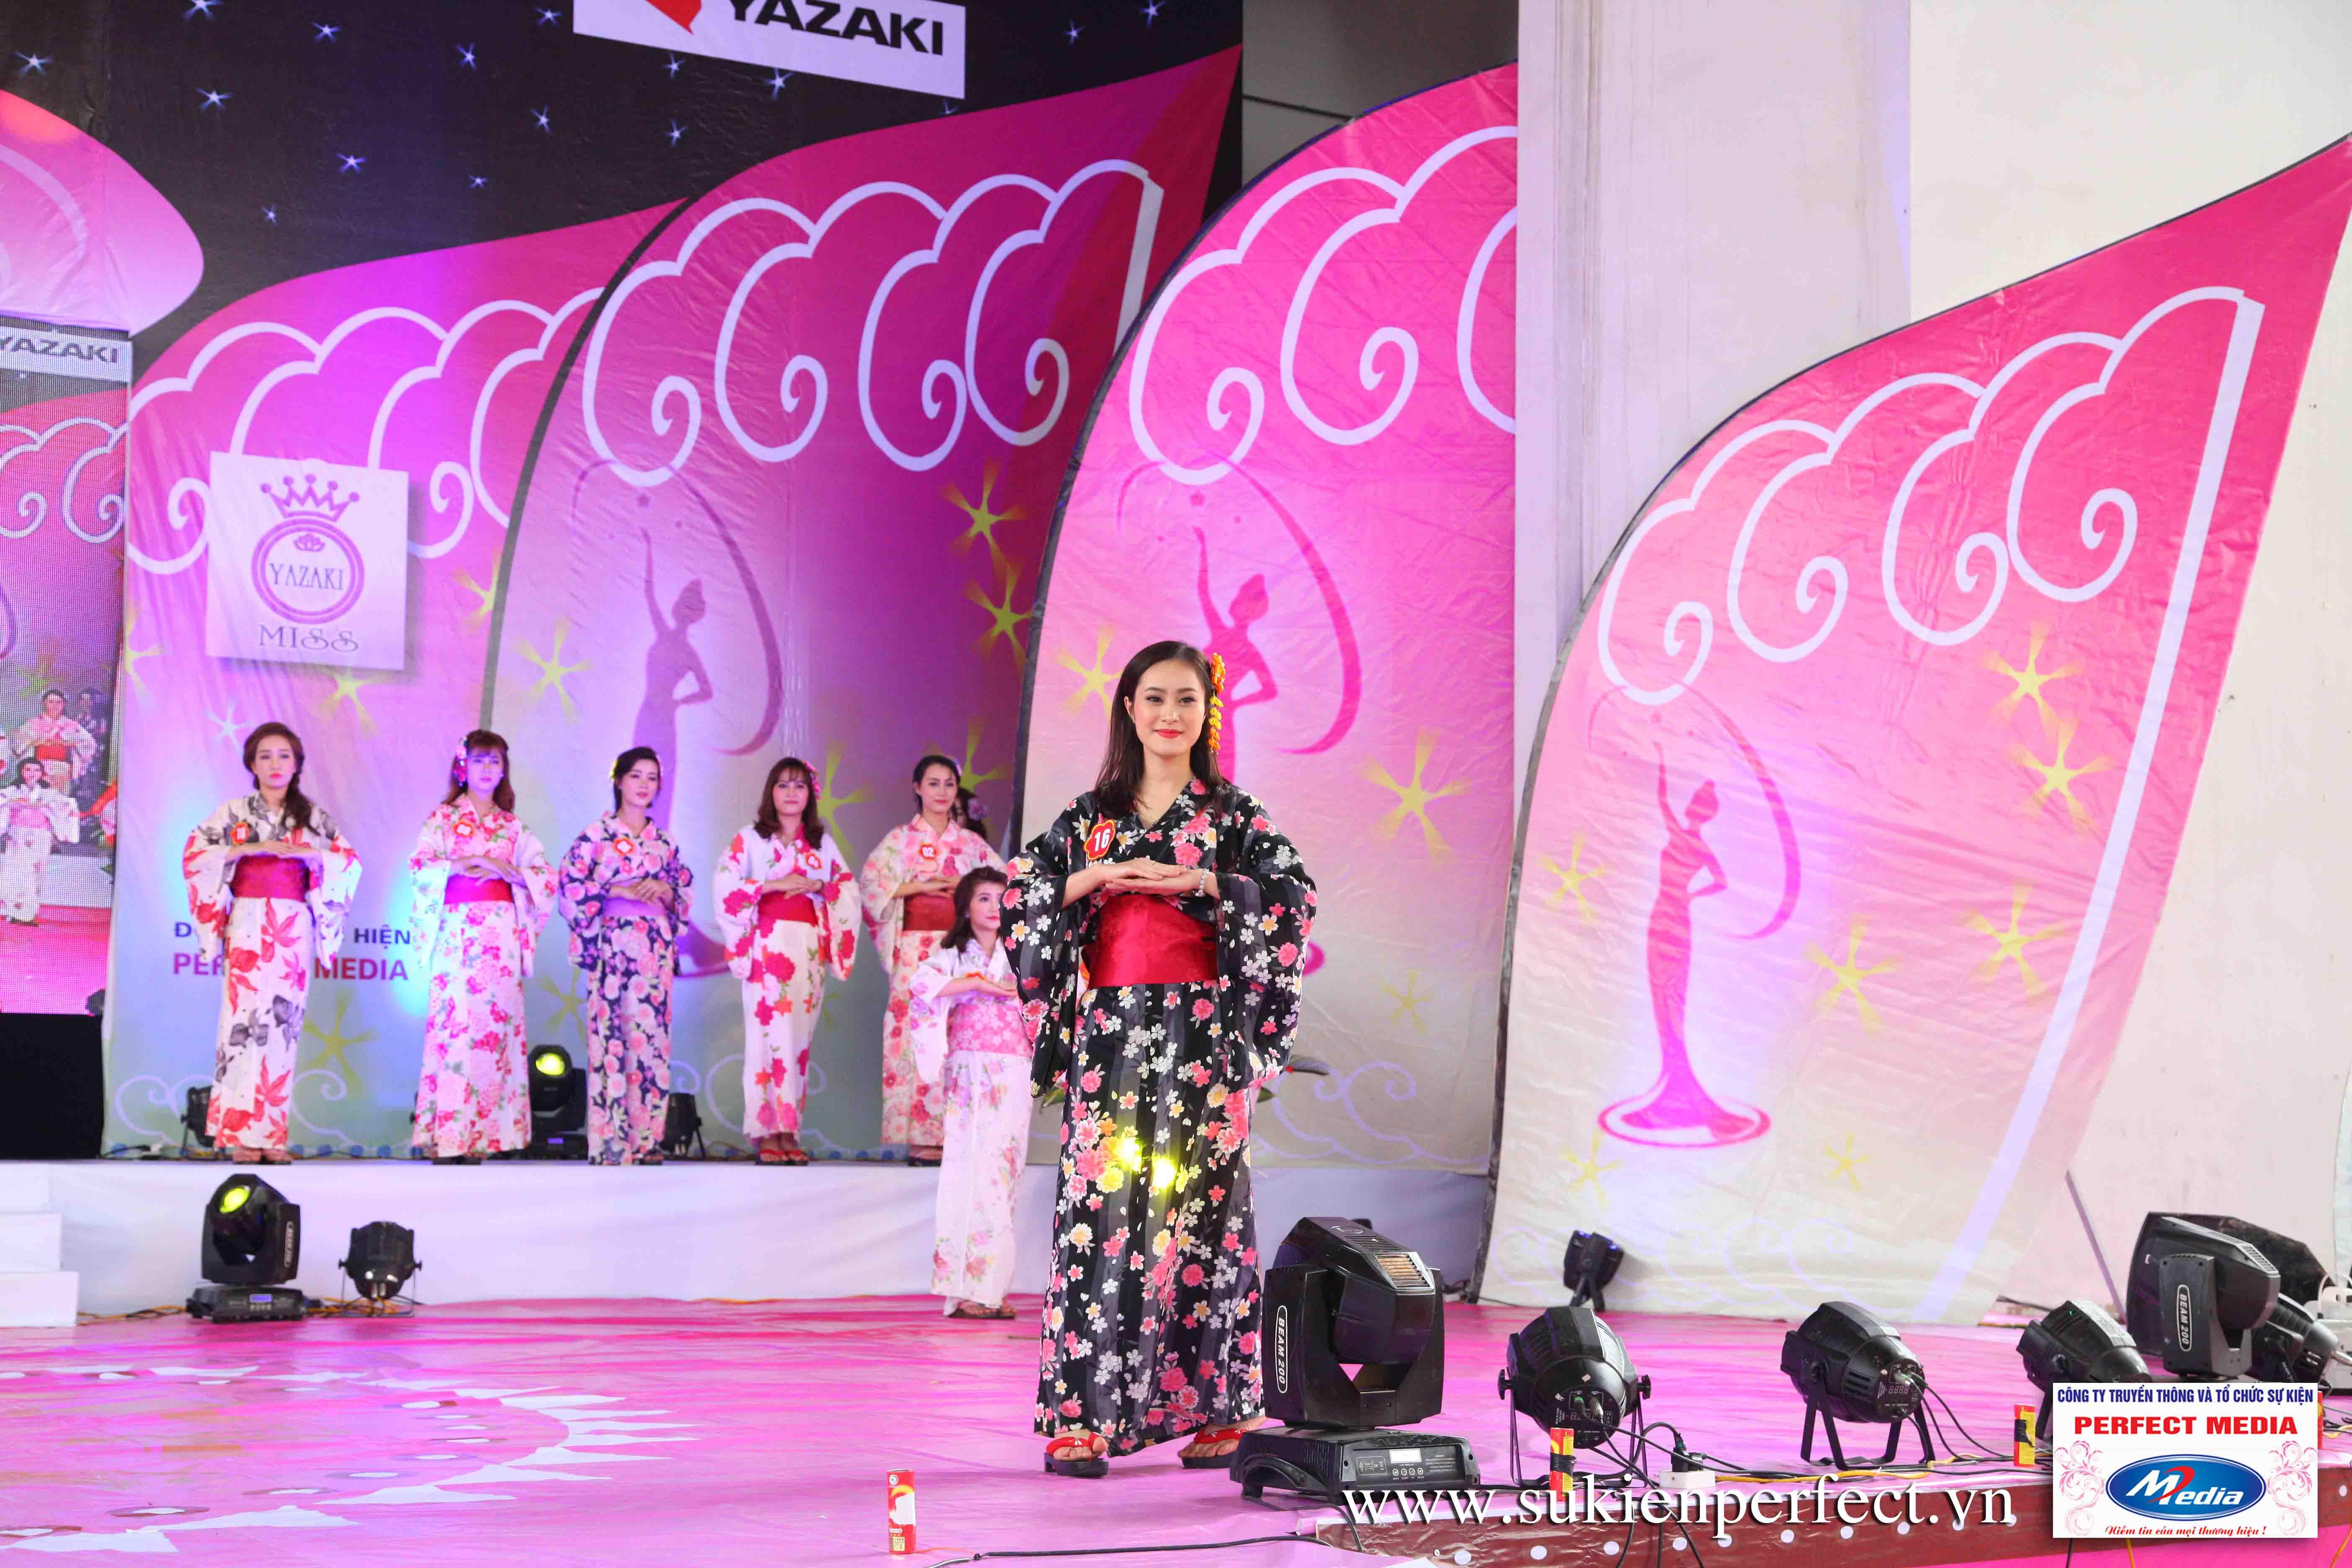 Hình ảnh các thí sinh trong trang phục Kimono - Người đẹp Yazaki Quảng Ninh 2016 - 17